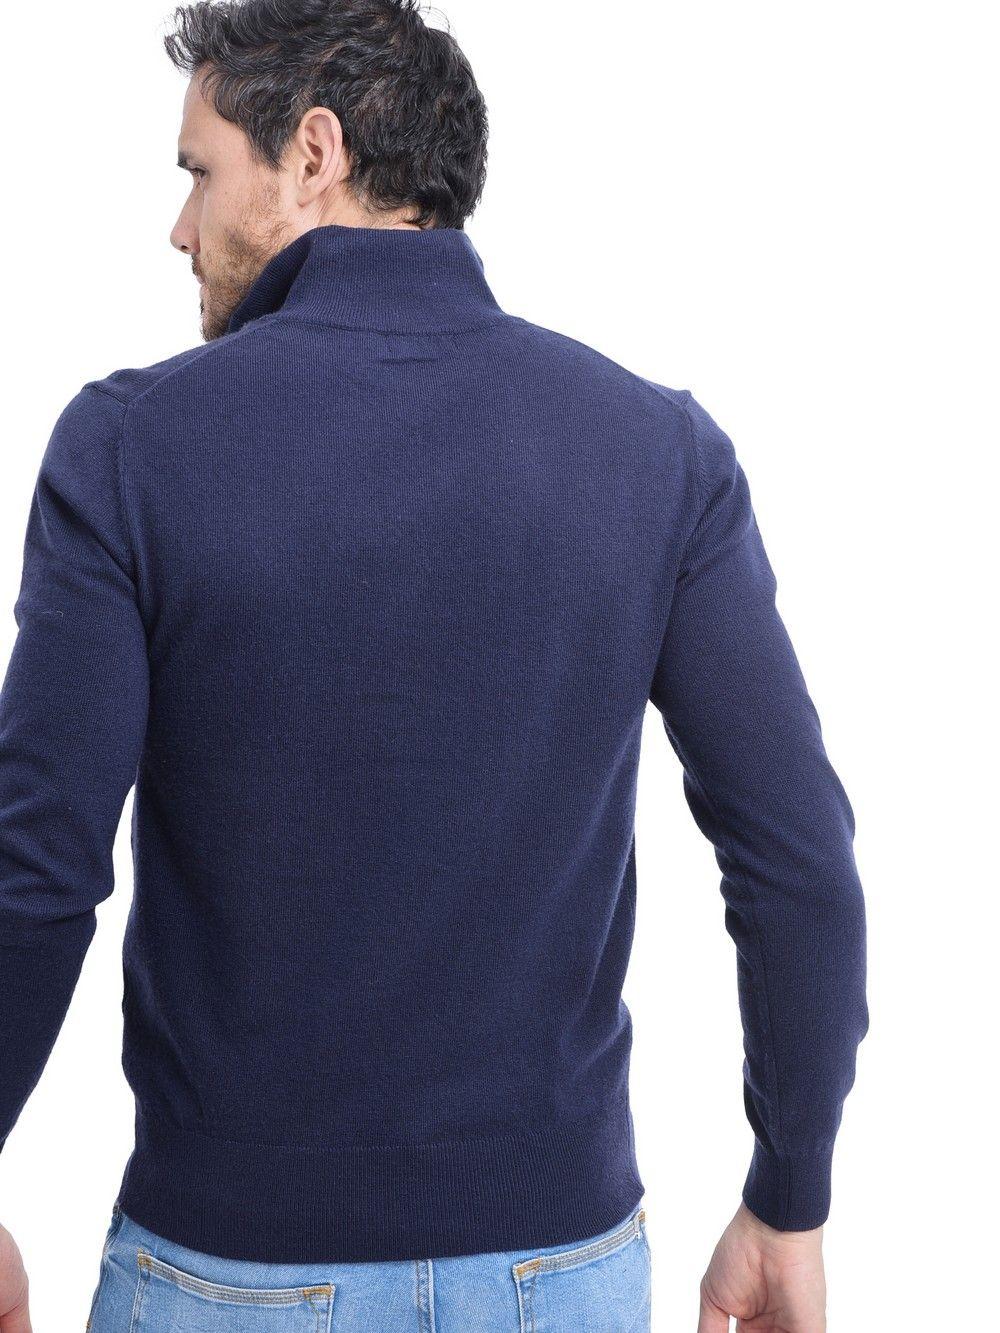 C&JO High Neck Half Zip Sweater with Leather Zip in Navy